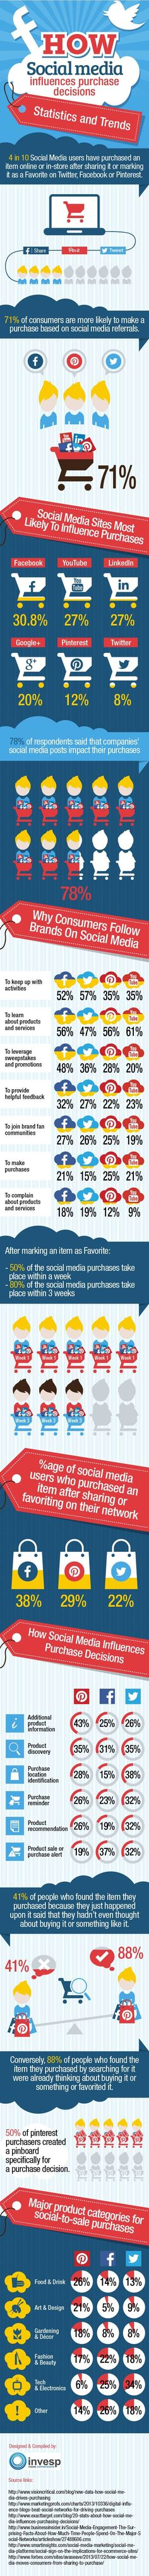 Social media statistics and trends  #digitalmarketing